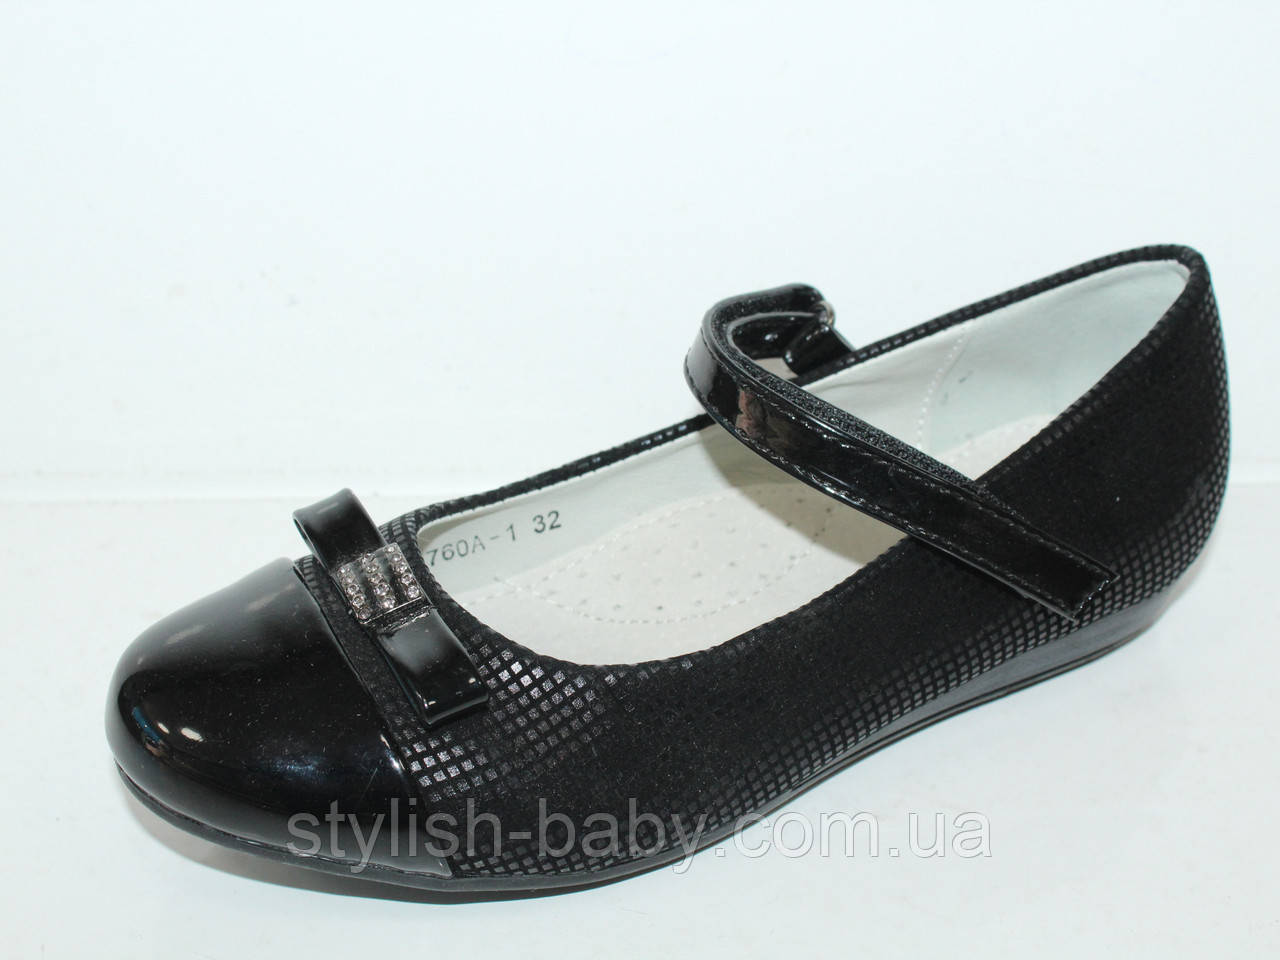 Школьная обувь оптом. Детские туфли бренда Lilin Shoes для девочек (рр. с 32 по 37)